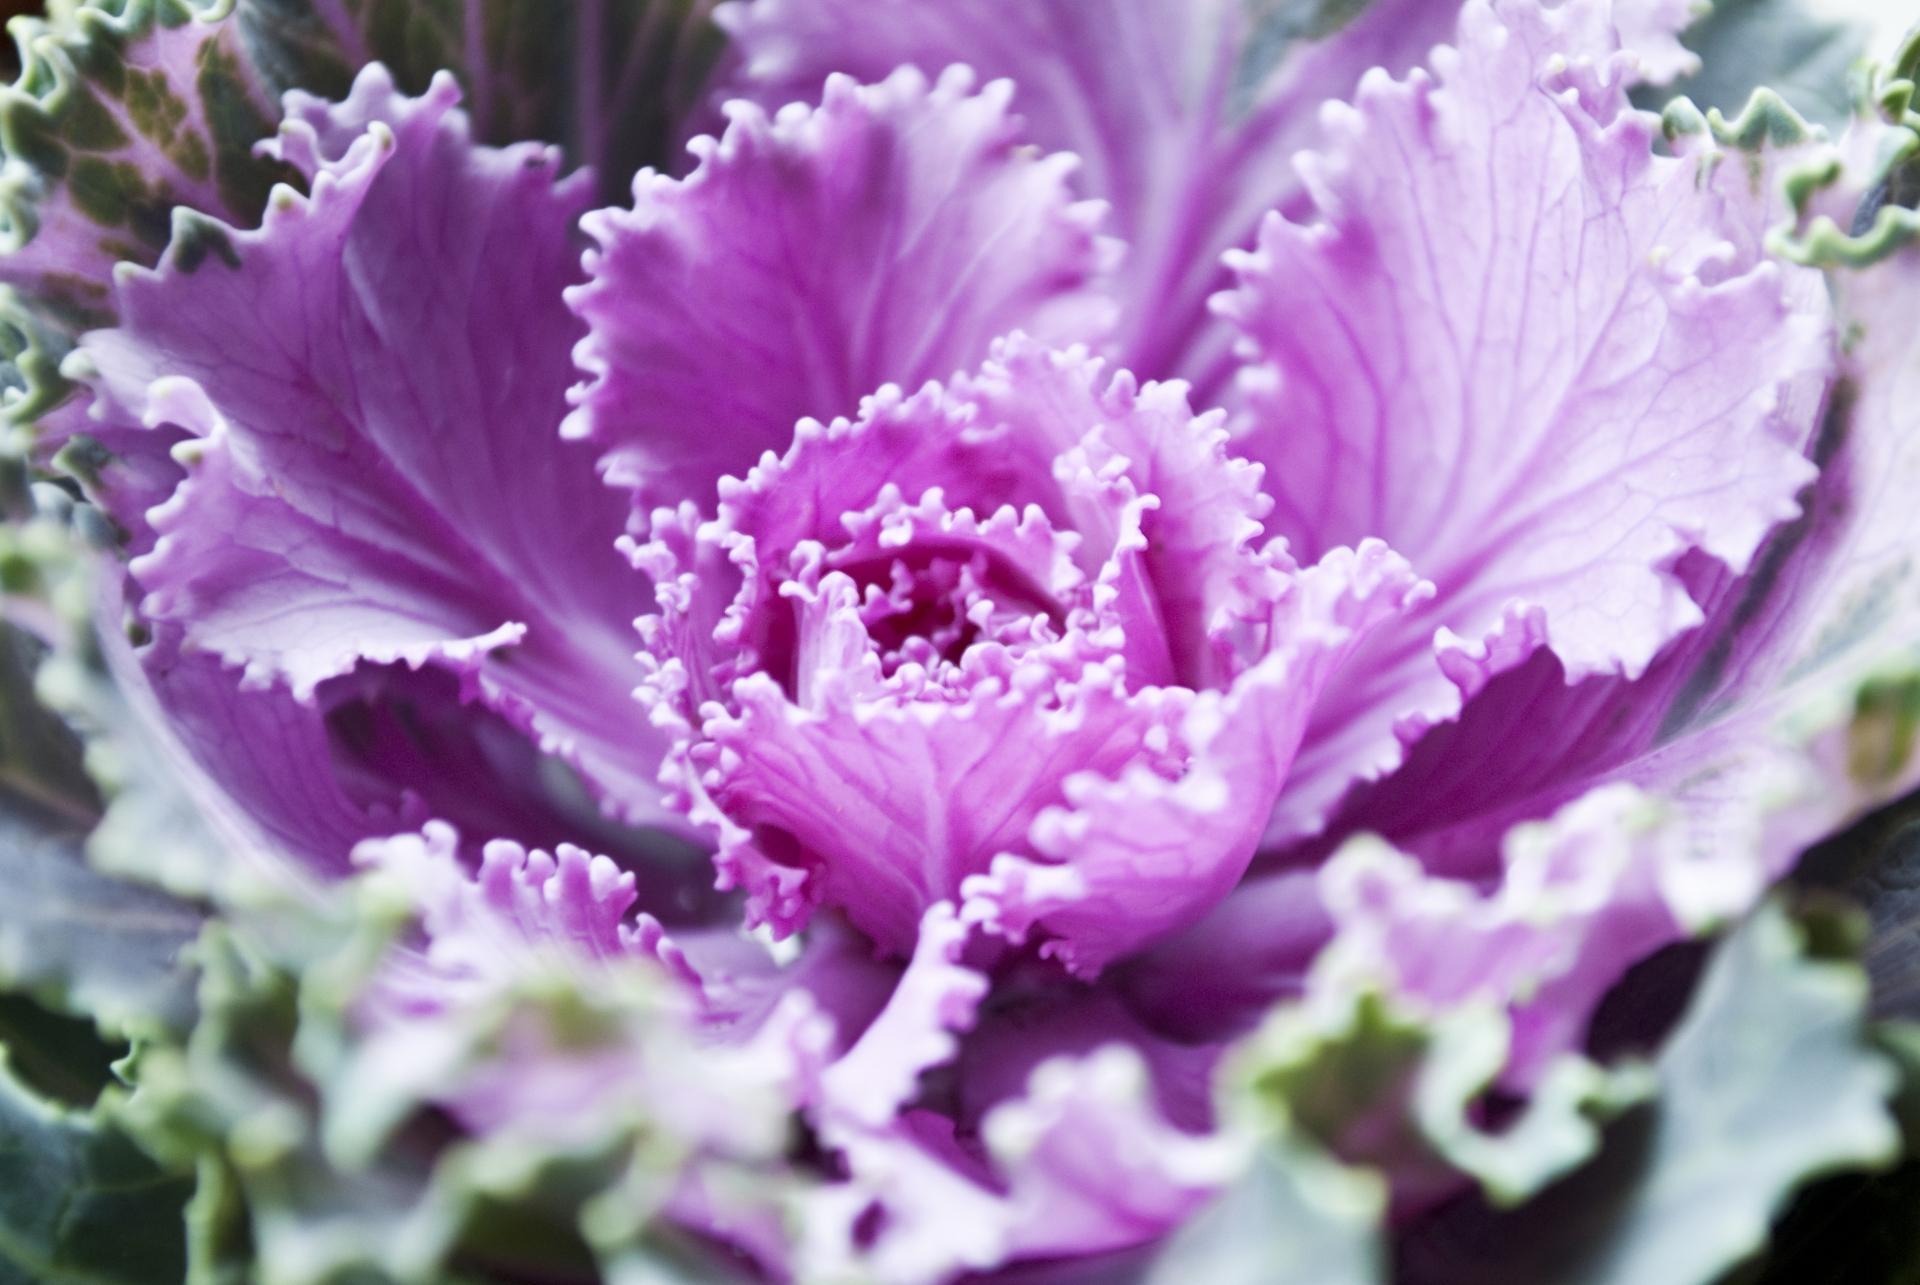 ガーデン用品屋さんの花図鑑 ハボタン